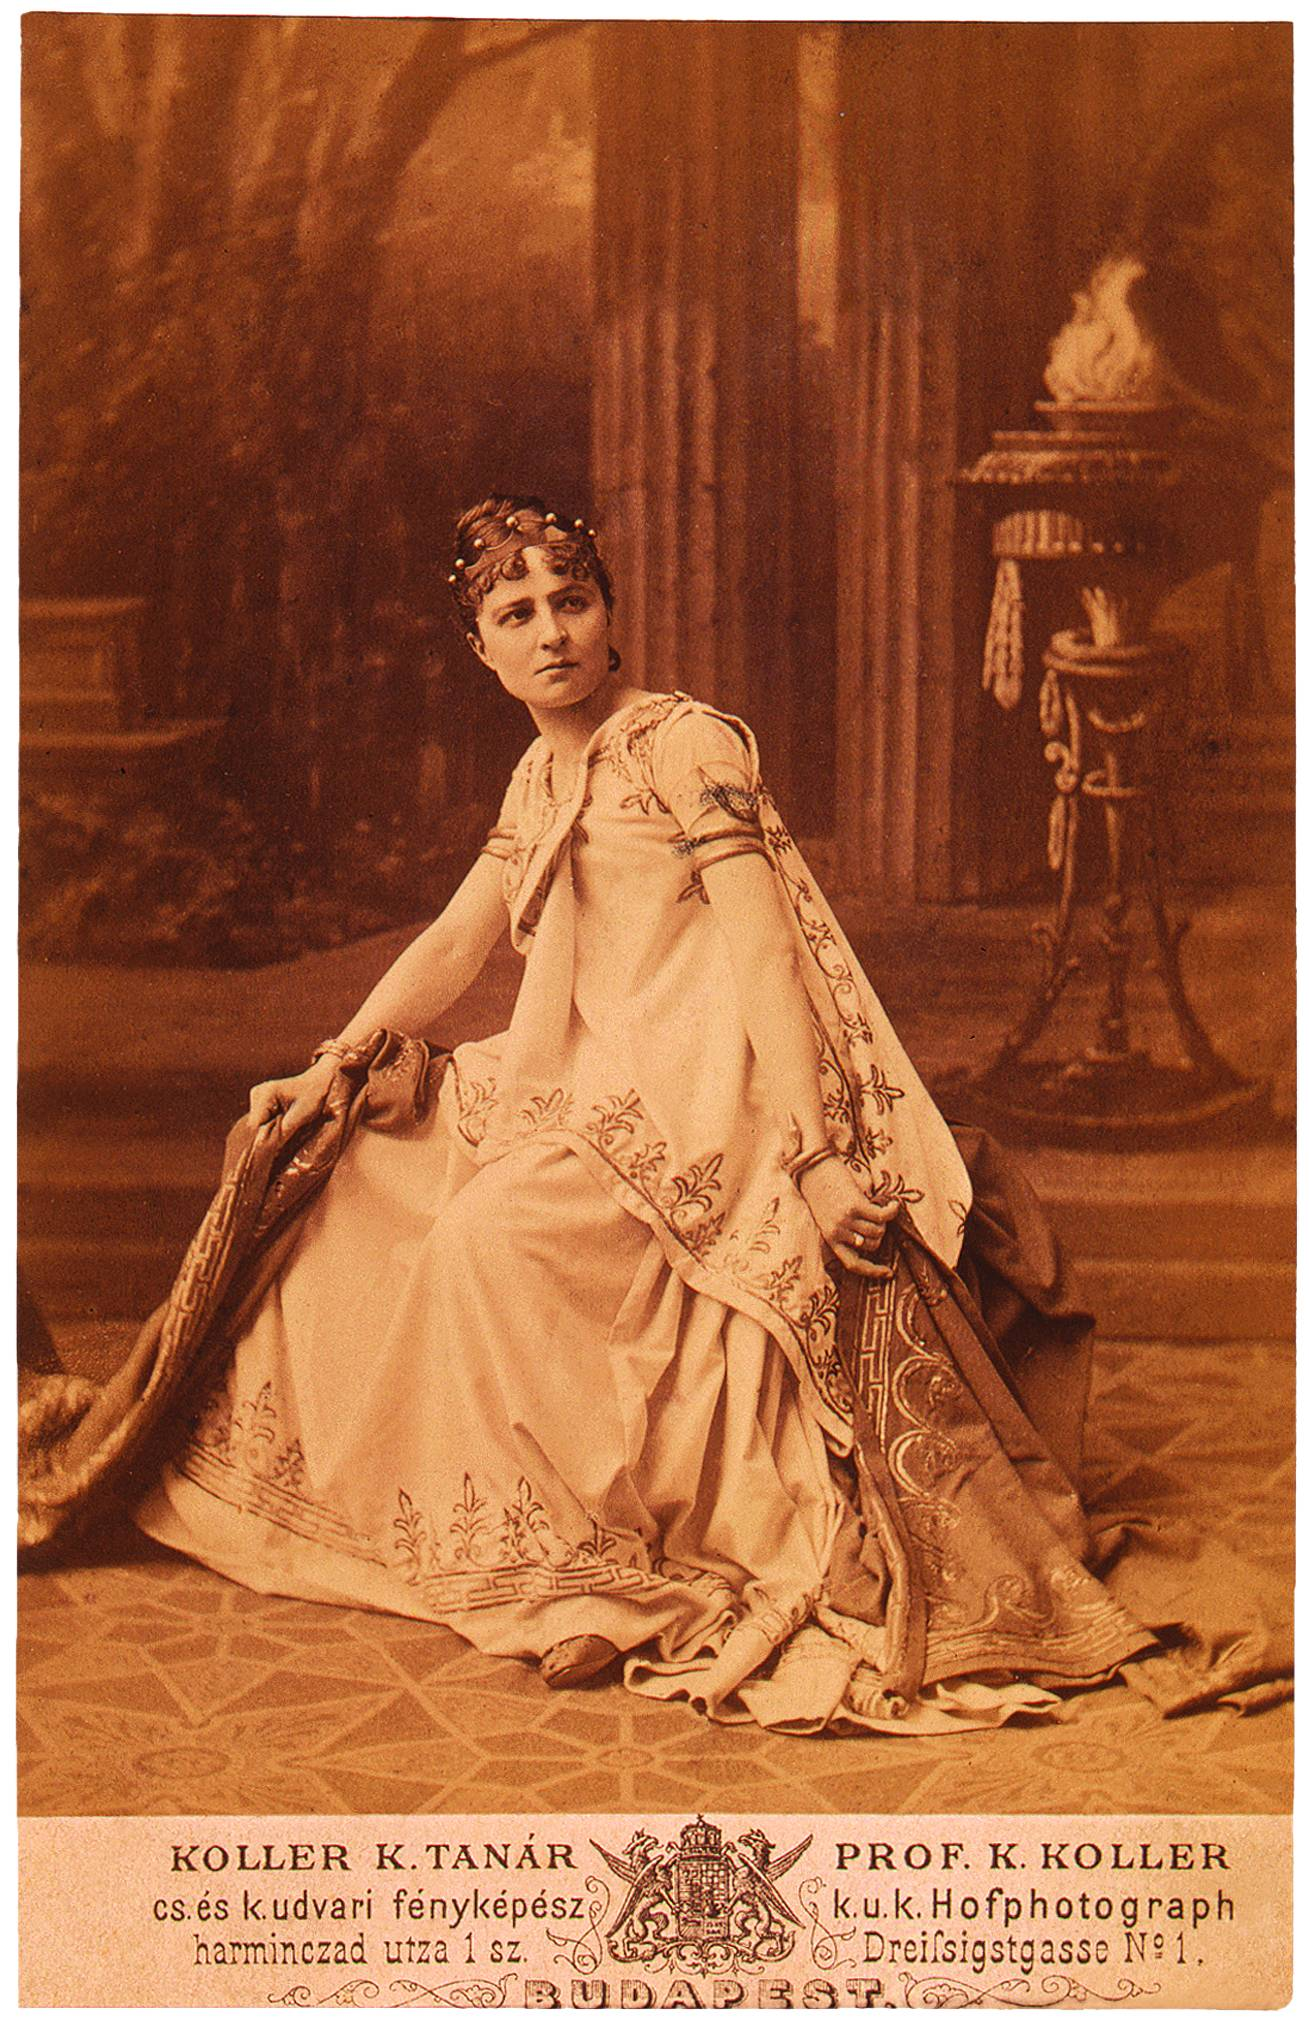 Jászai mint Medea Grillparzer tragédiájának címszerepében. Nemzeti Színház, 1876. dec. 1. Koller felvétele<br /><br />